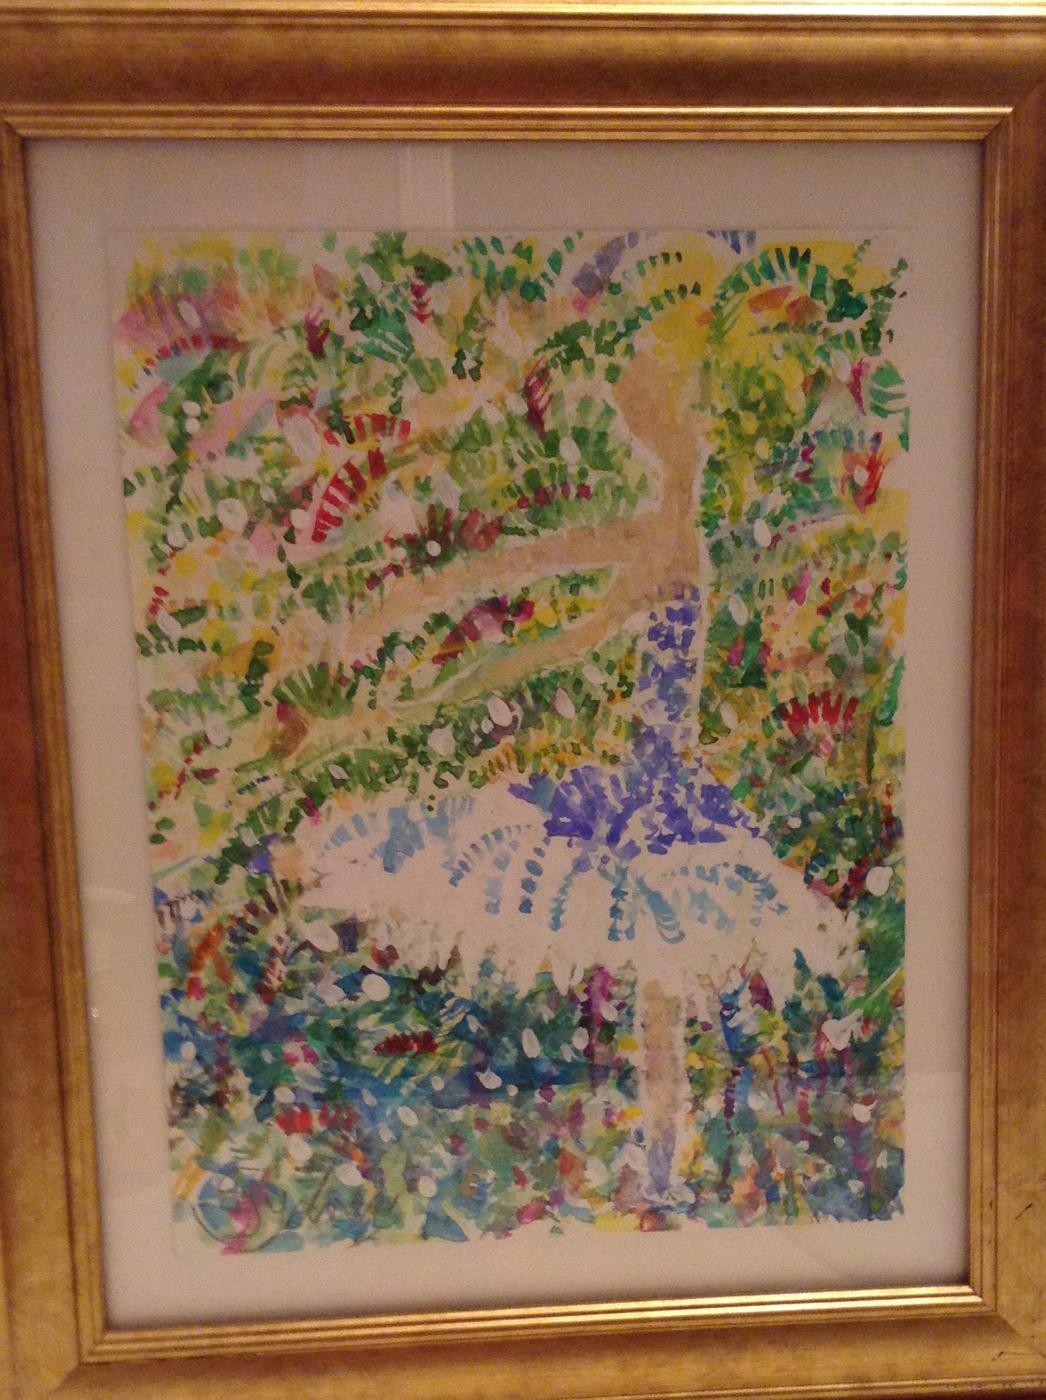 Ballarina by Sydney Edmond